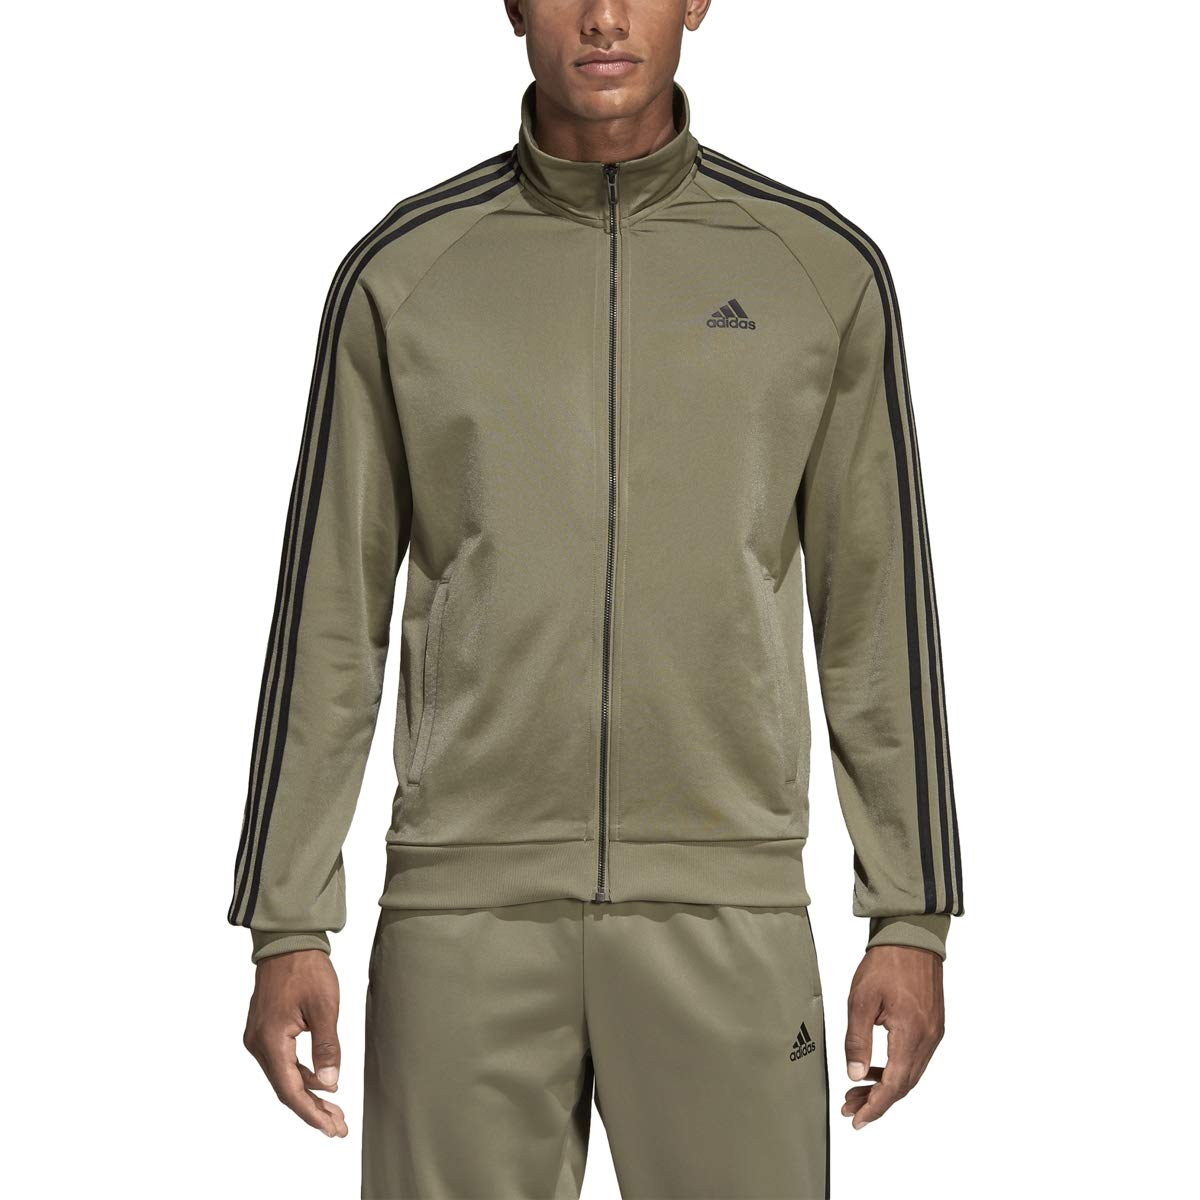 90d4e49de0855 Amazon.com: adidas Essentials 3S Tricot Track Jacket Men's All ...